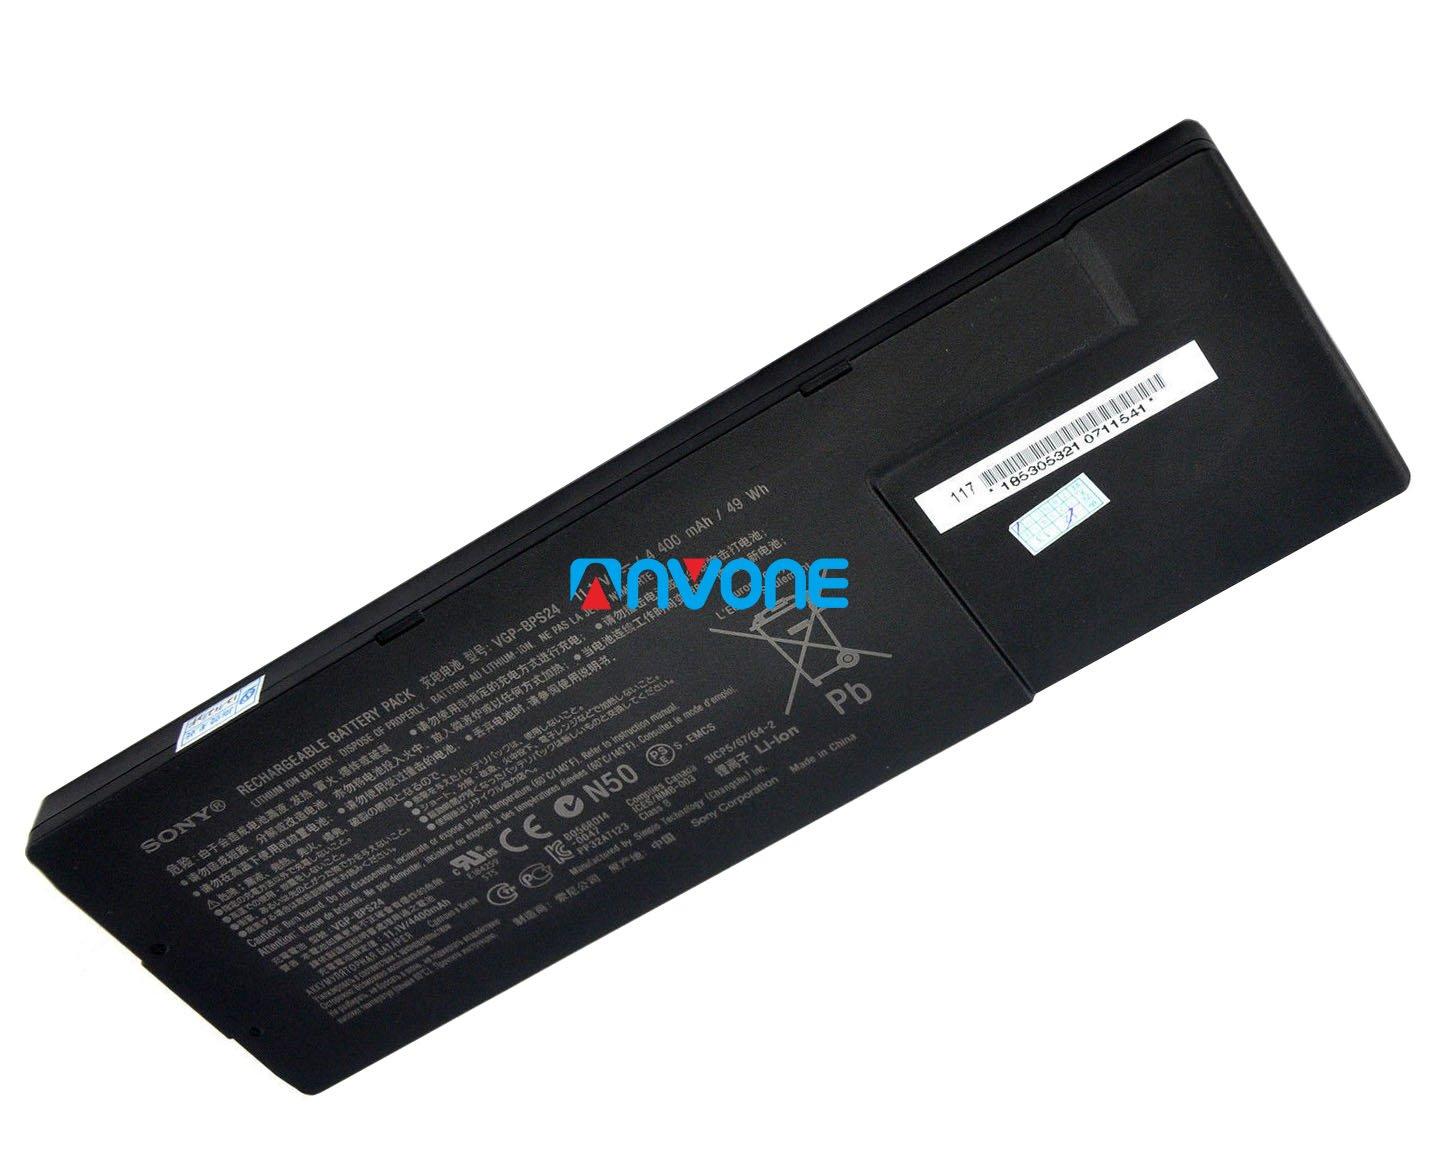 Genuine VGP-BPS24 Sony VAIO VPC-SB26FF/B VPC-SB26FG/B VPC-SB26FG/L VPC-SB26FG/P Battery